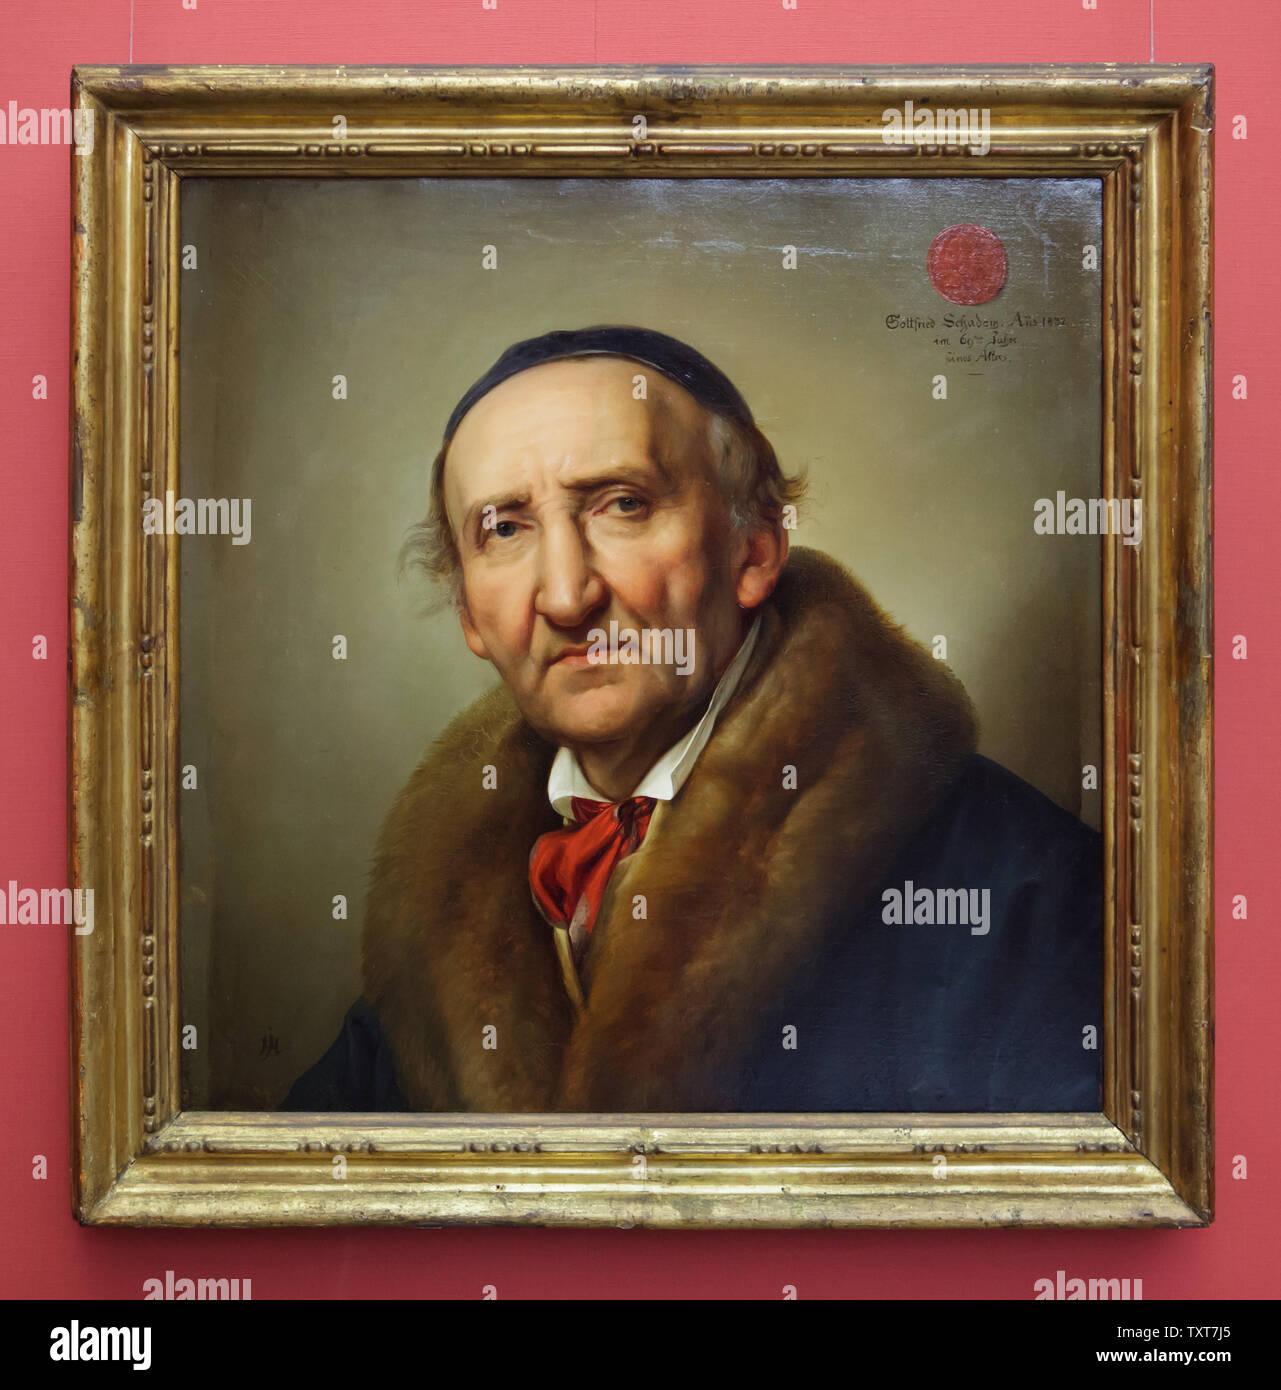 Retrato del escultor alemán Johann Gottfried Schadow por el pintor alemán Julius Hübner (1832) que se muestra en la Alte Nationalgalerie (Antigua Galería Nacional) en Berlín, Alemania. Foto de stock